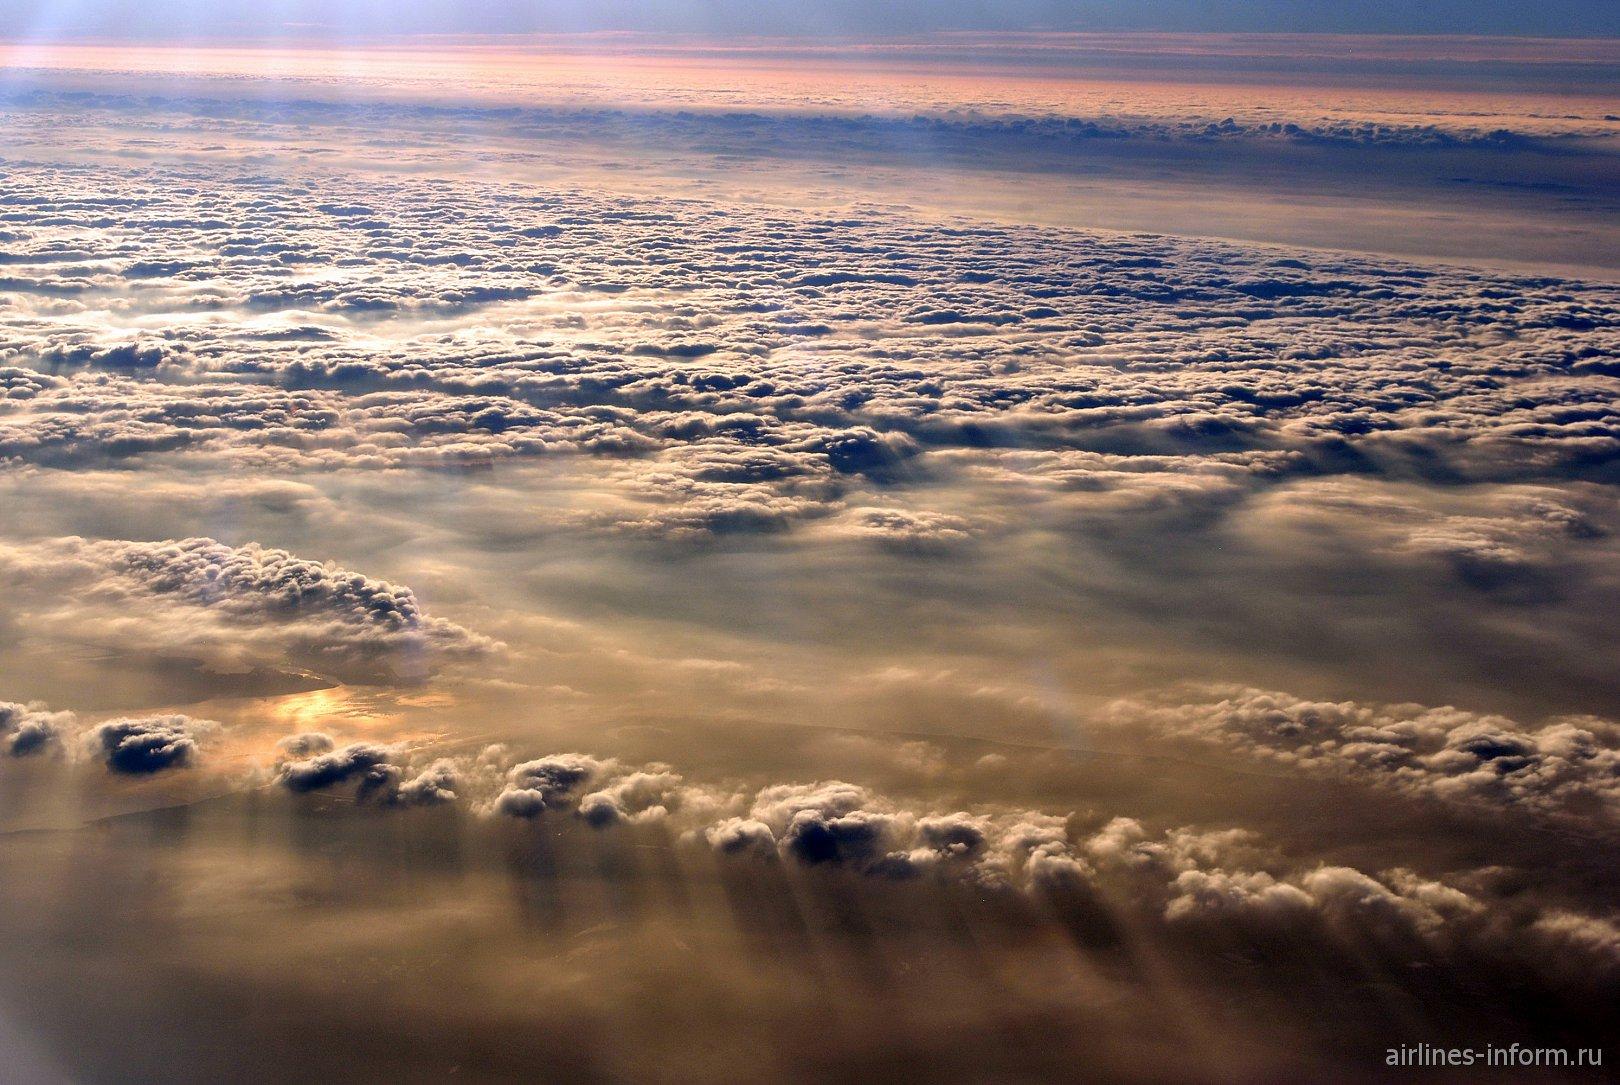 Облака над Темзой на рассвете